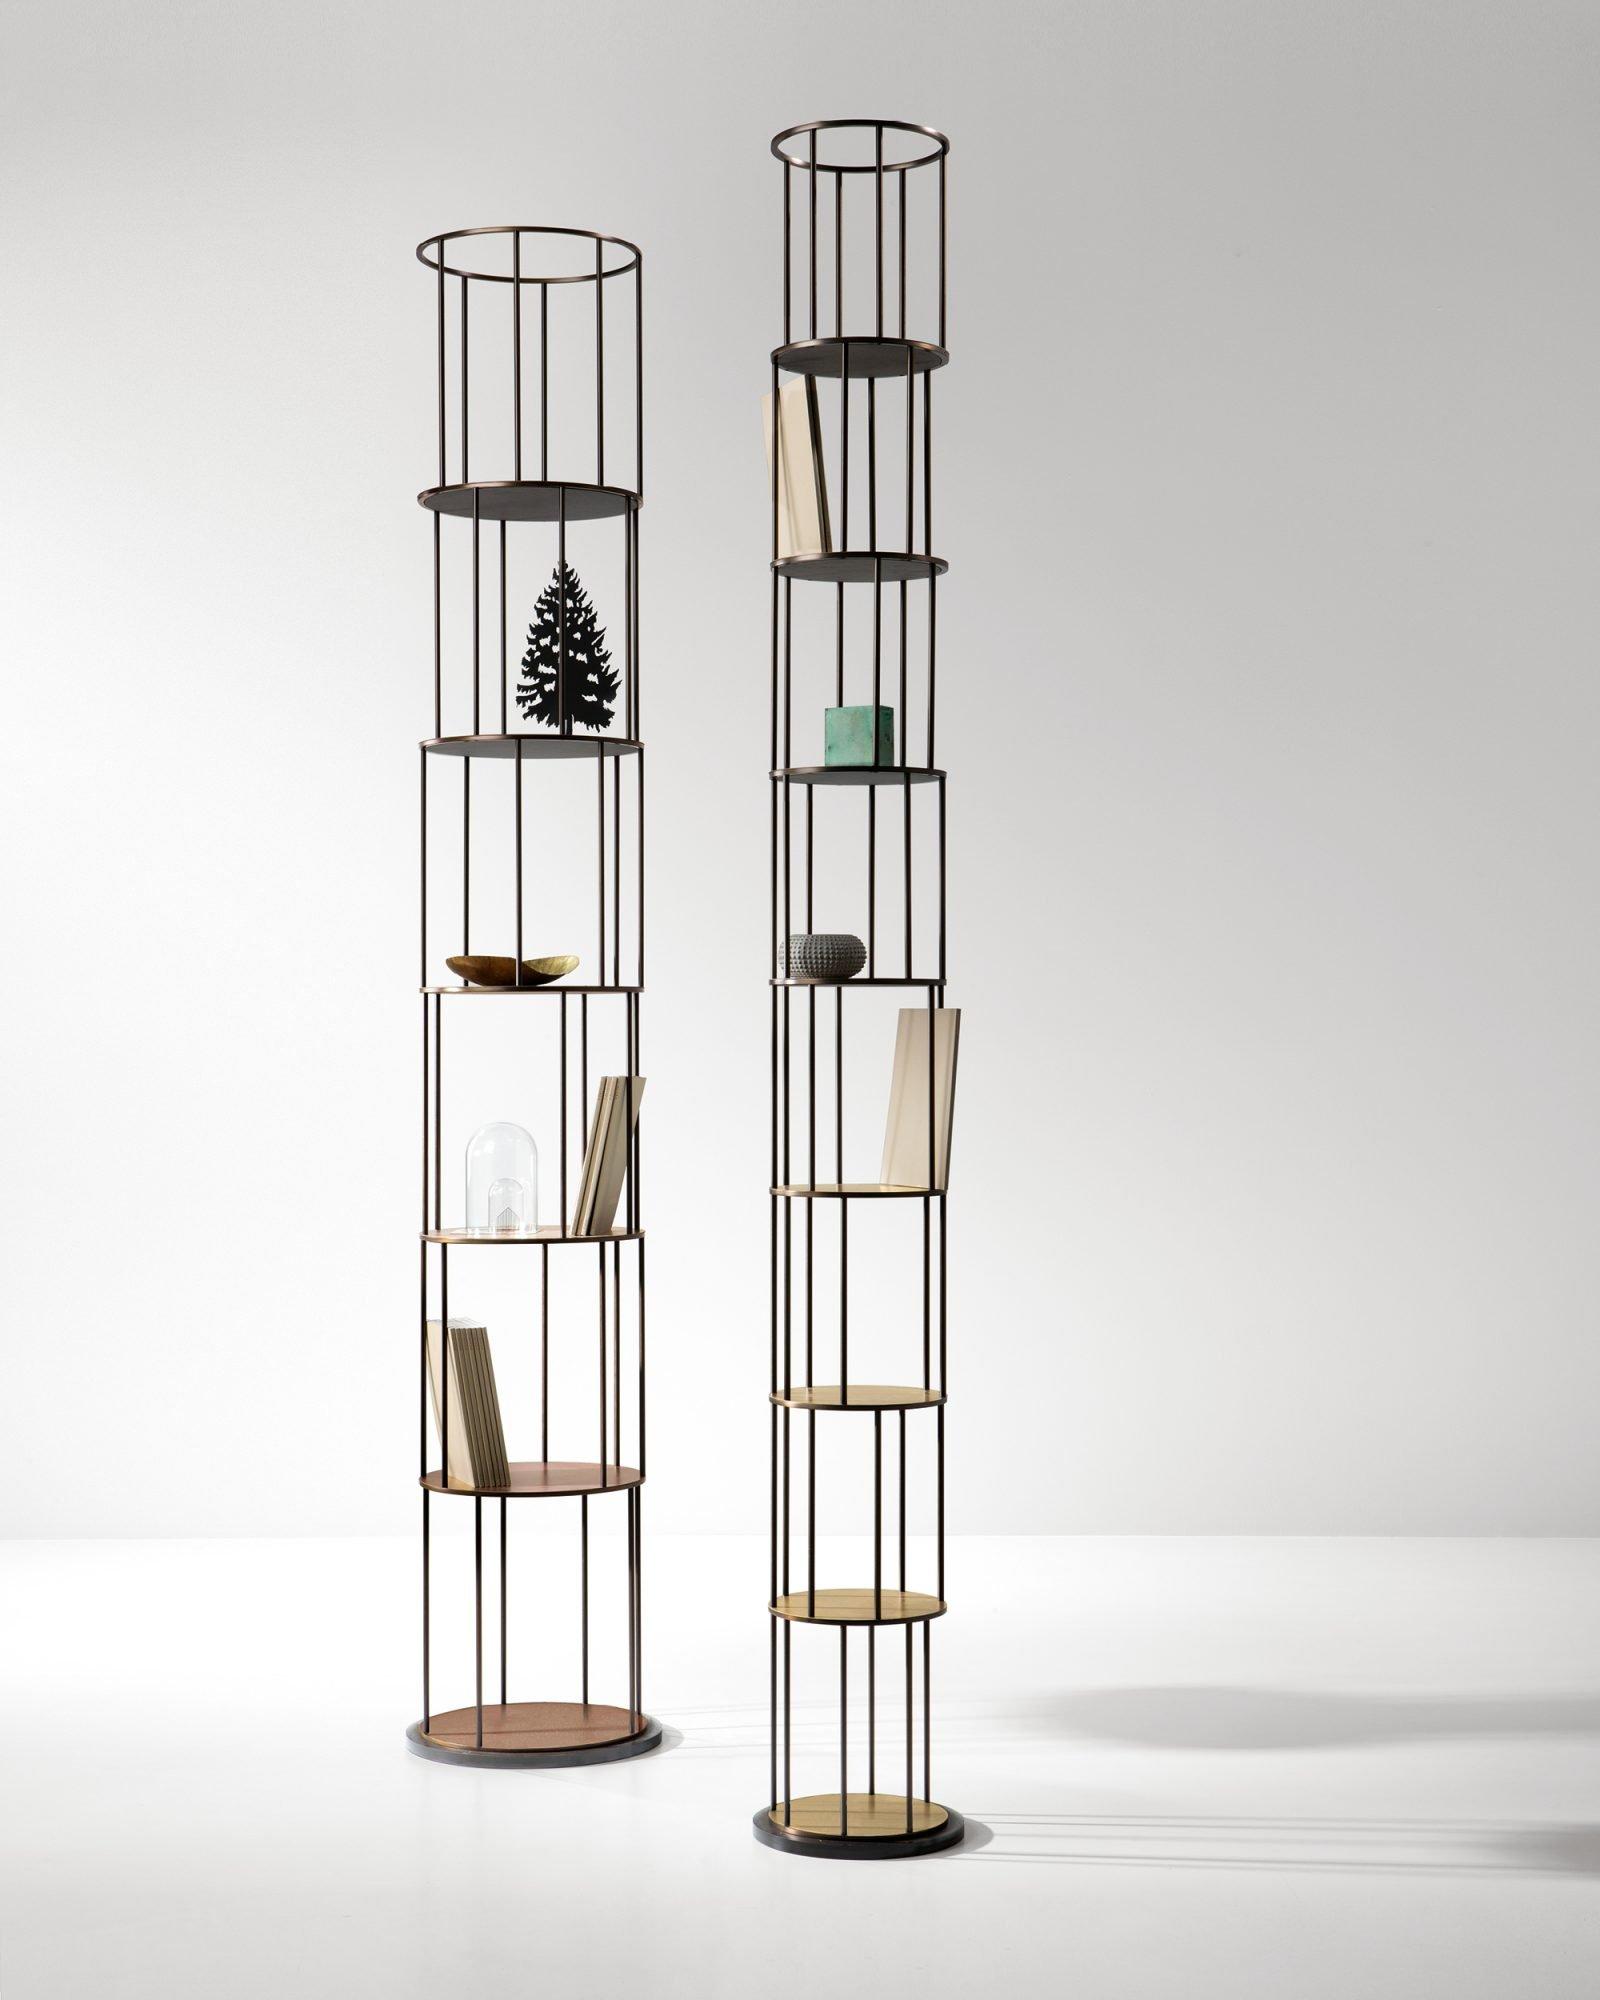 Babele Bookcase from De Castelli, designed by Martinelli Venezia